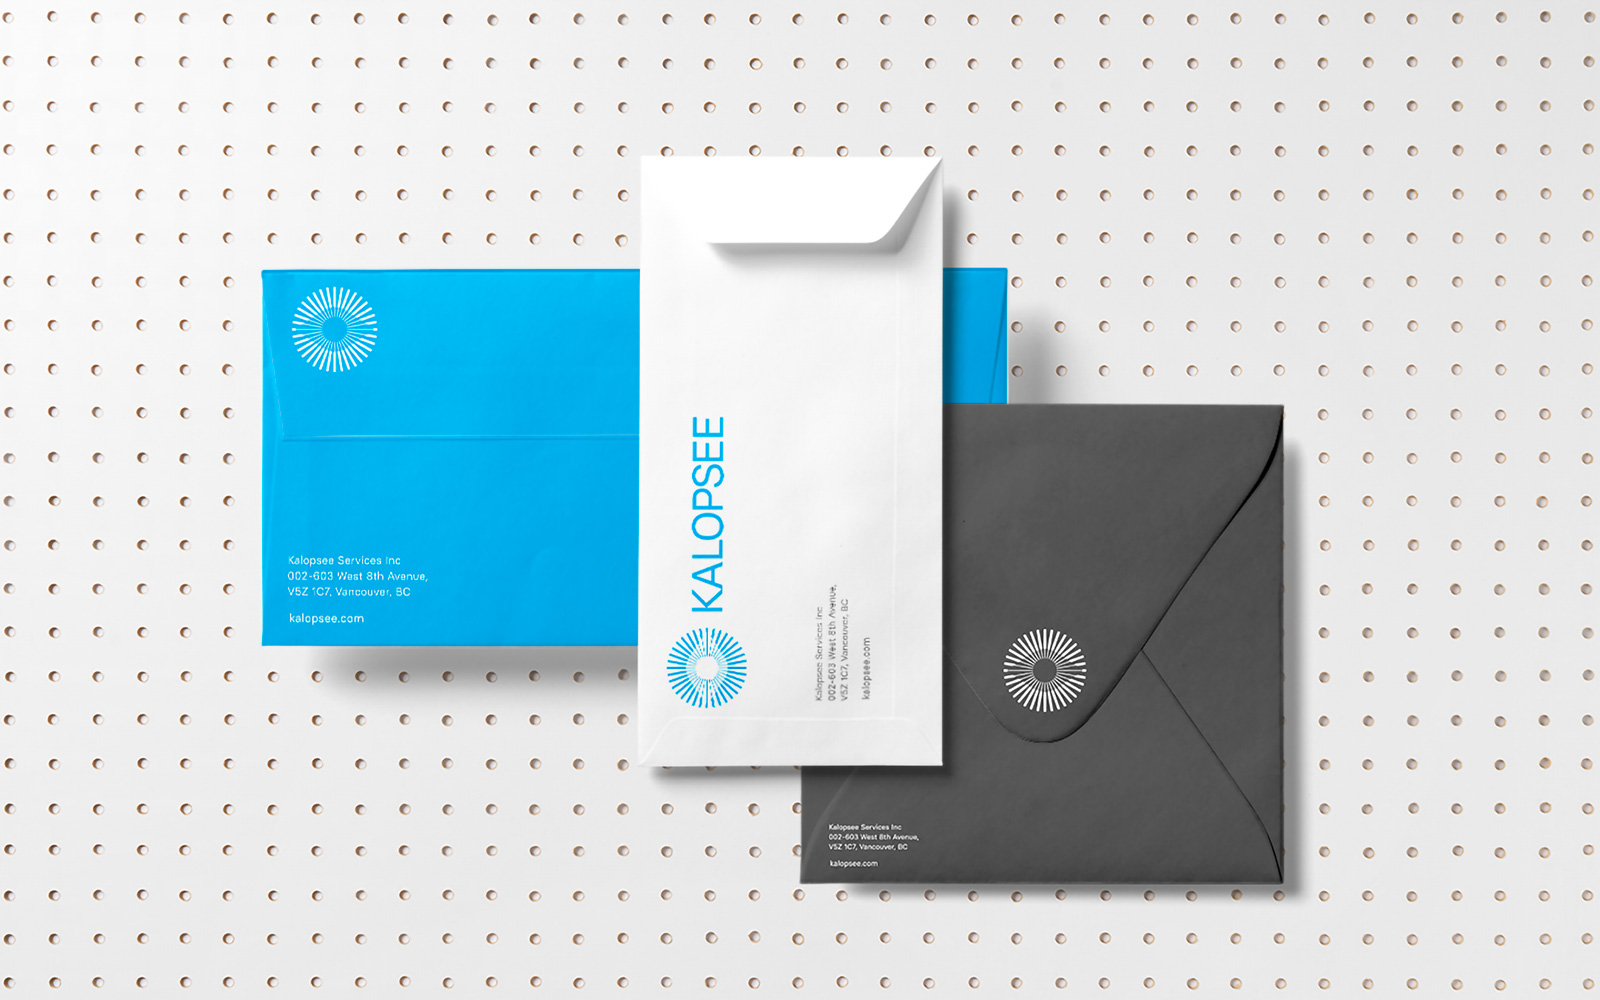 Kalopsee - Envelope